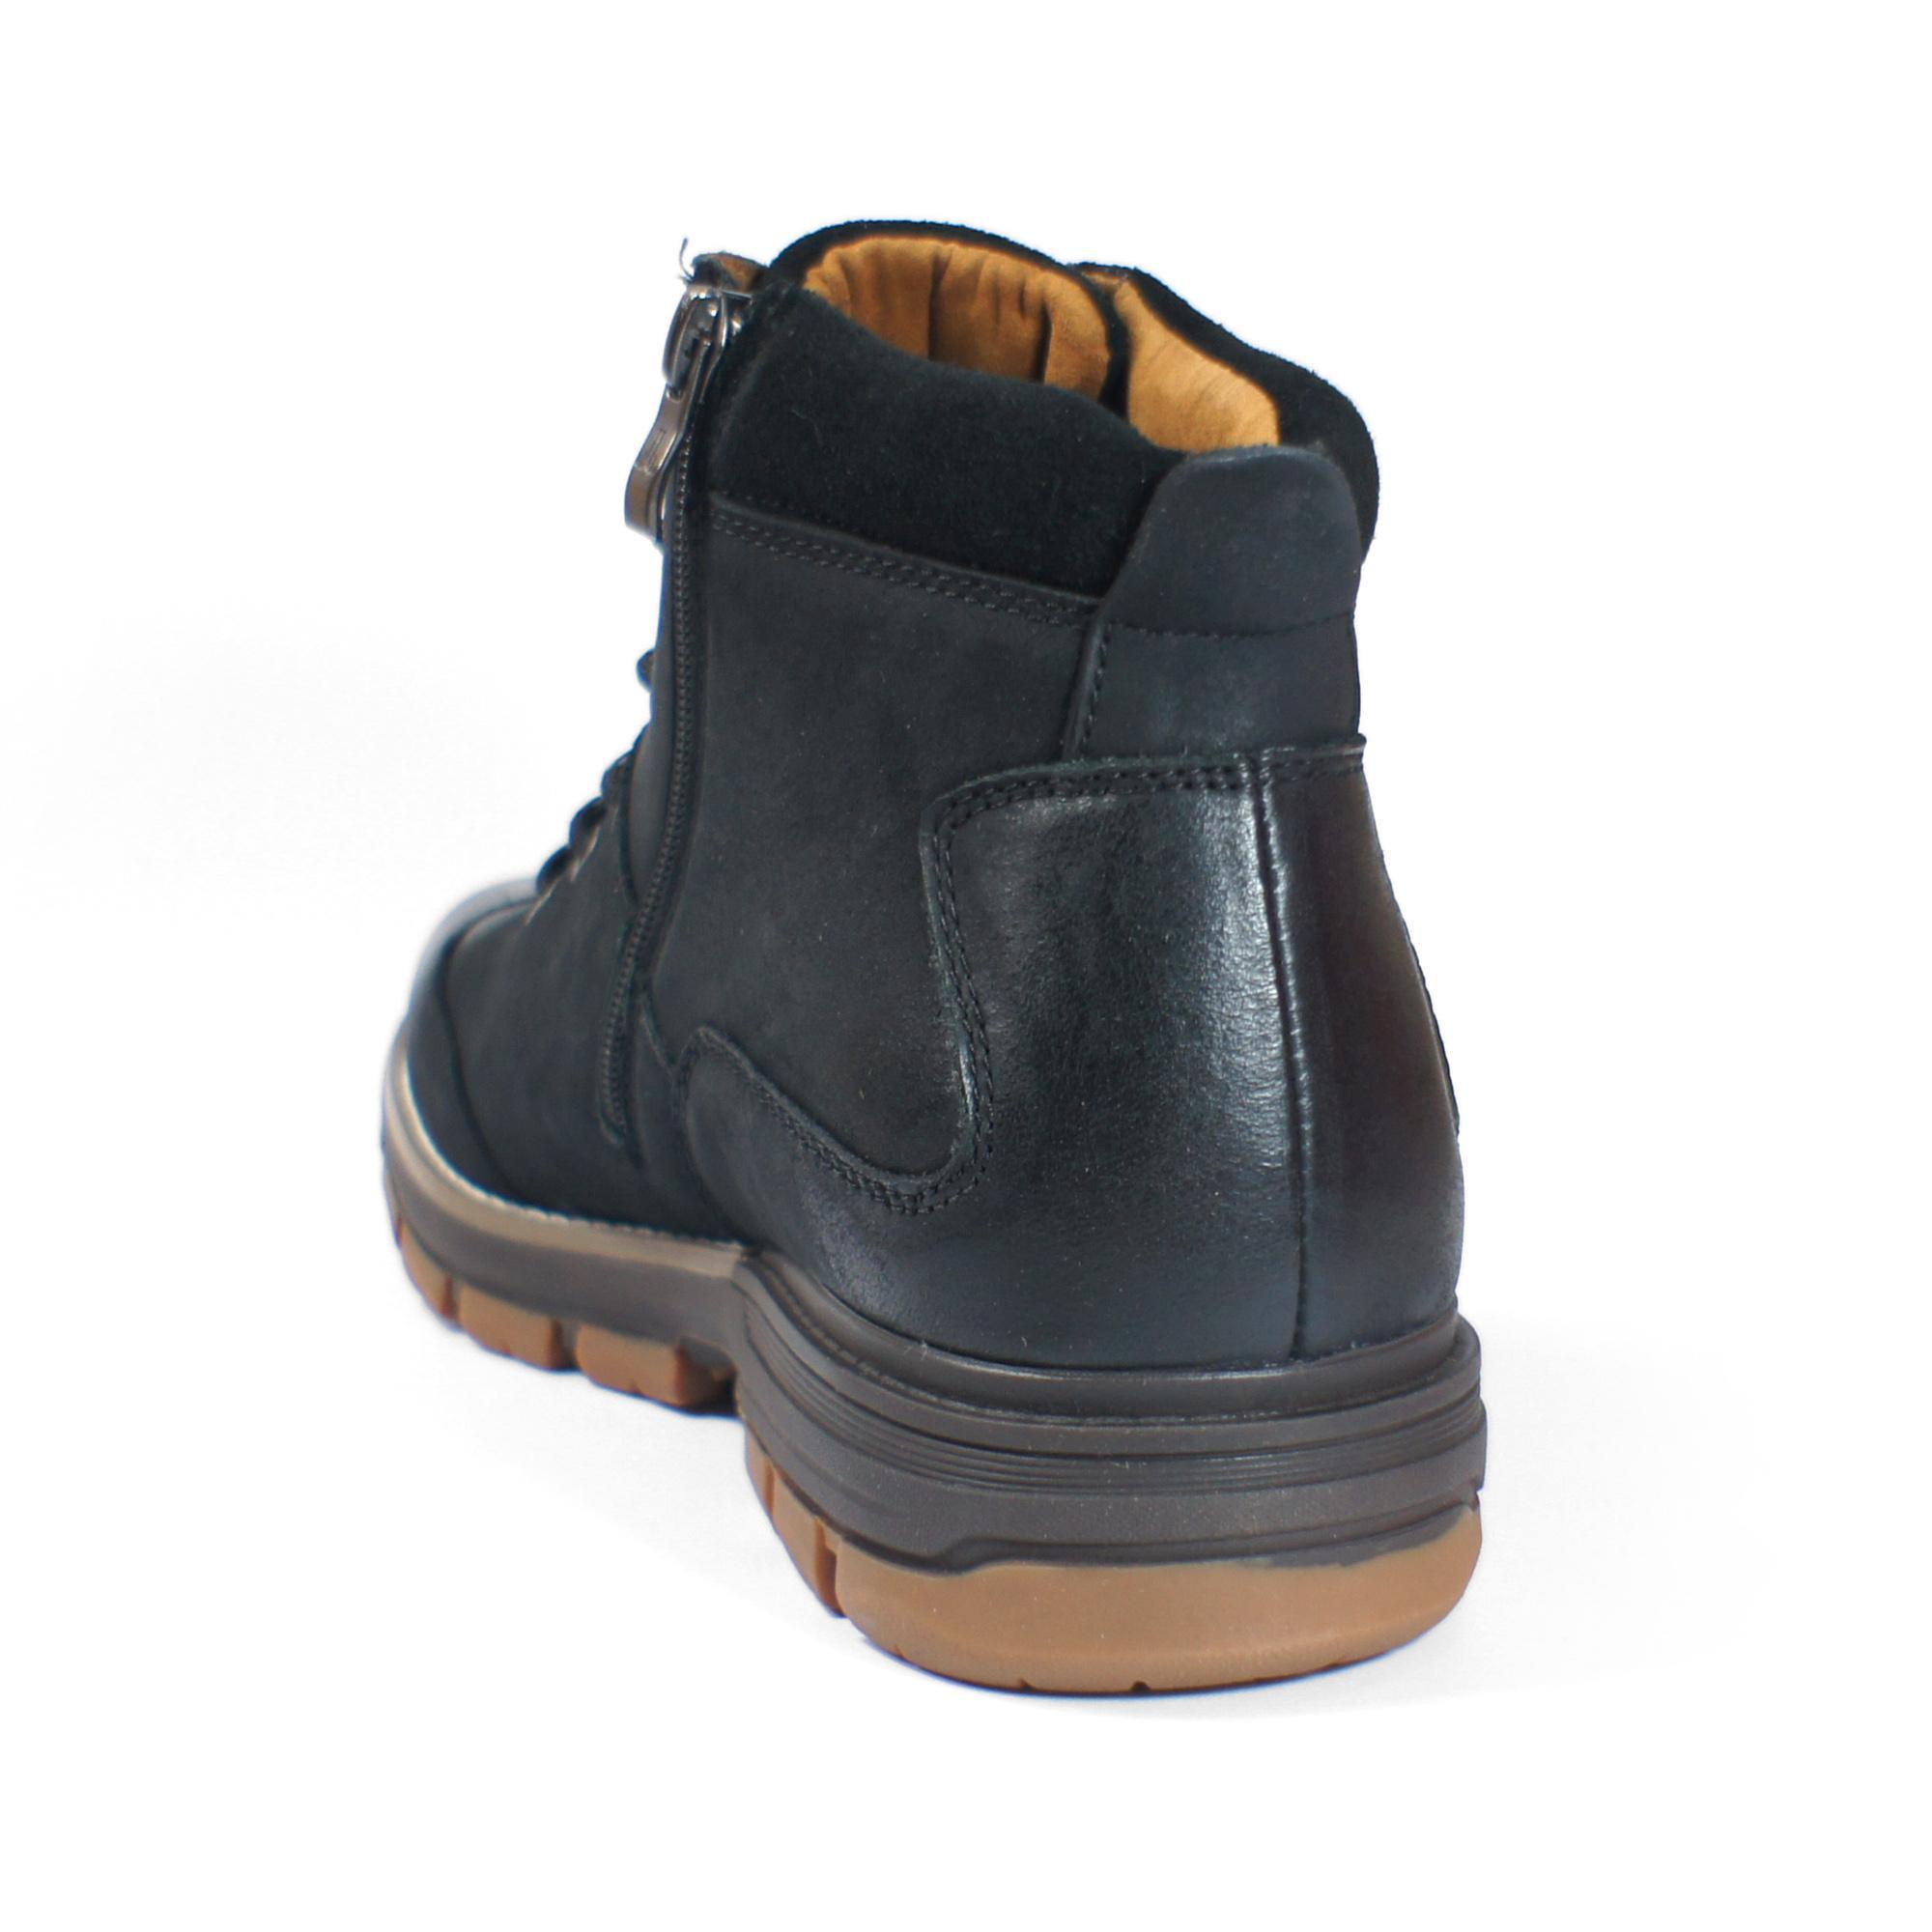 Jim Joker Huge 1fg Black Referensi Daftar Harga Terbaru Indonesia Sepatu Casual Haper 72 Coffee Salt 1ba 5